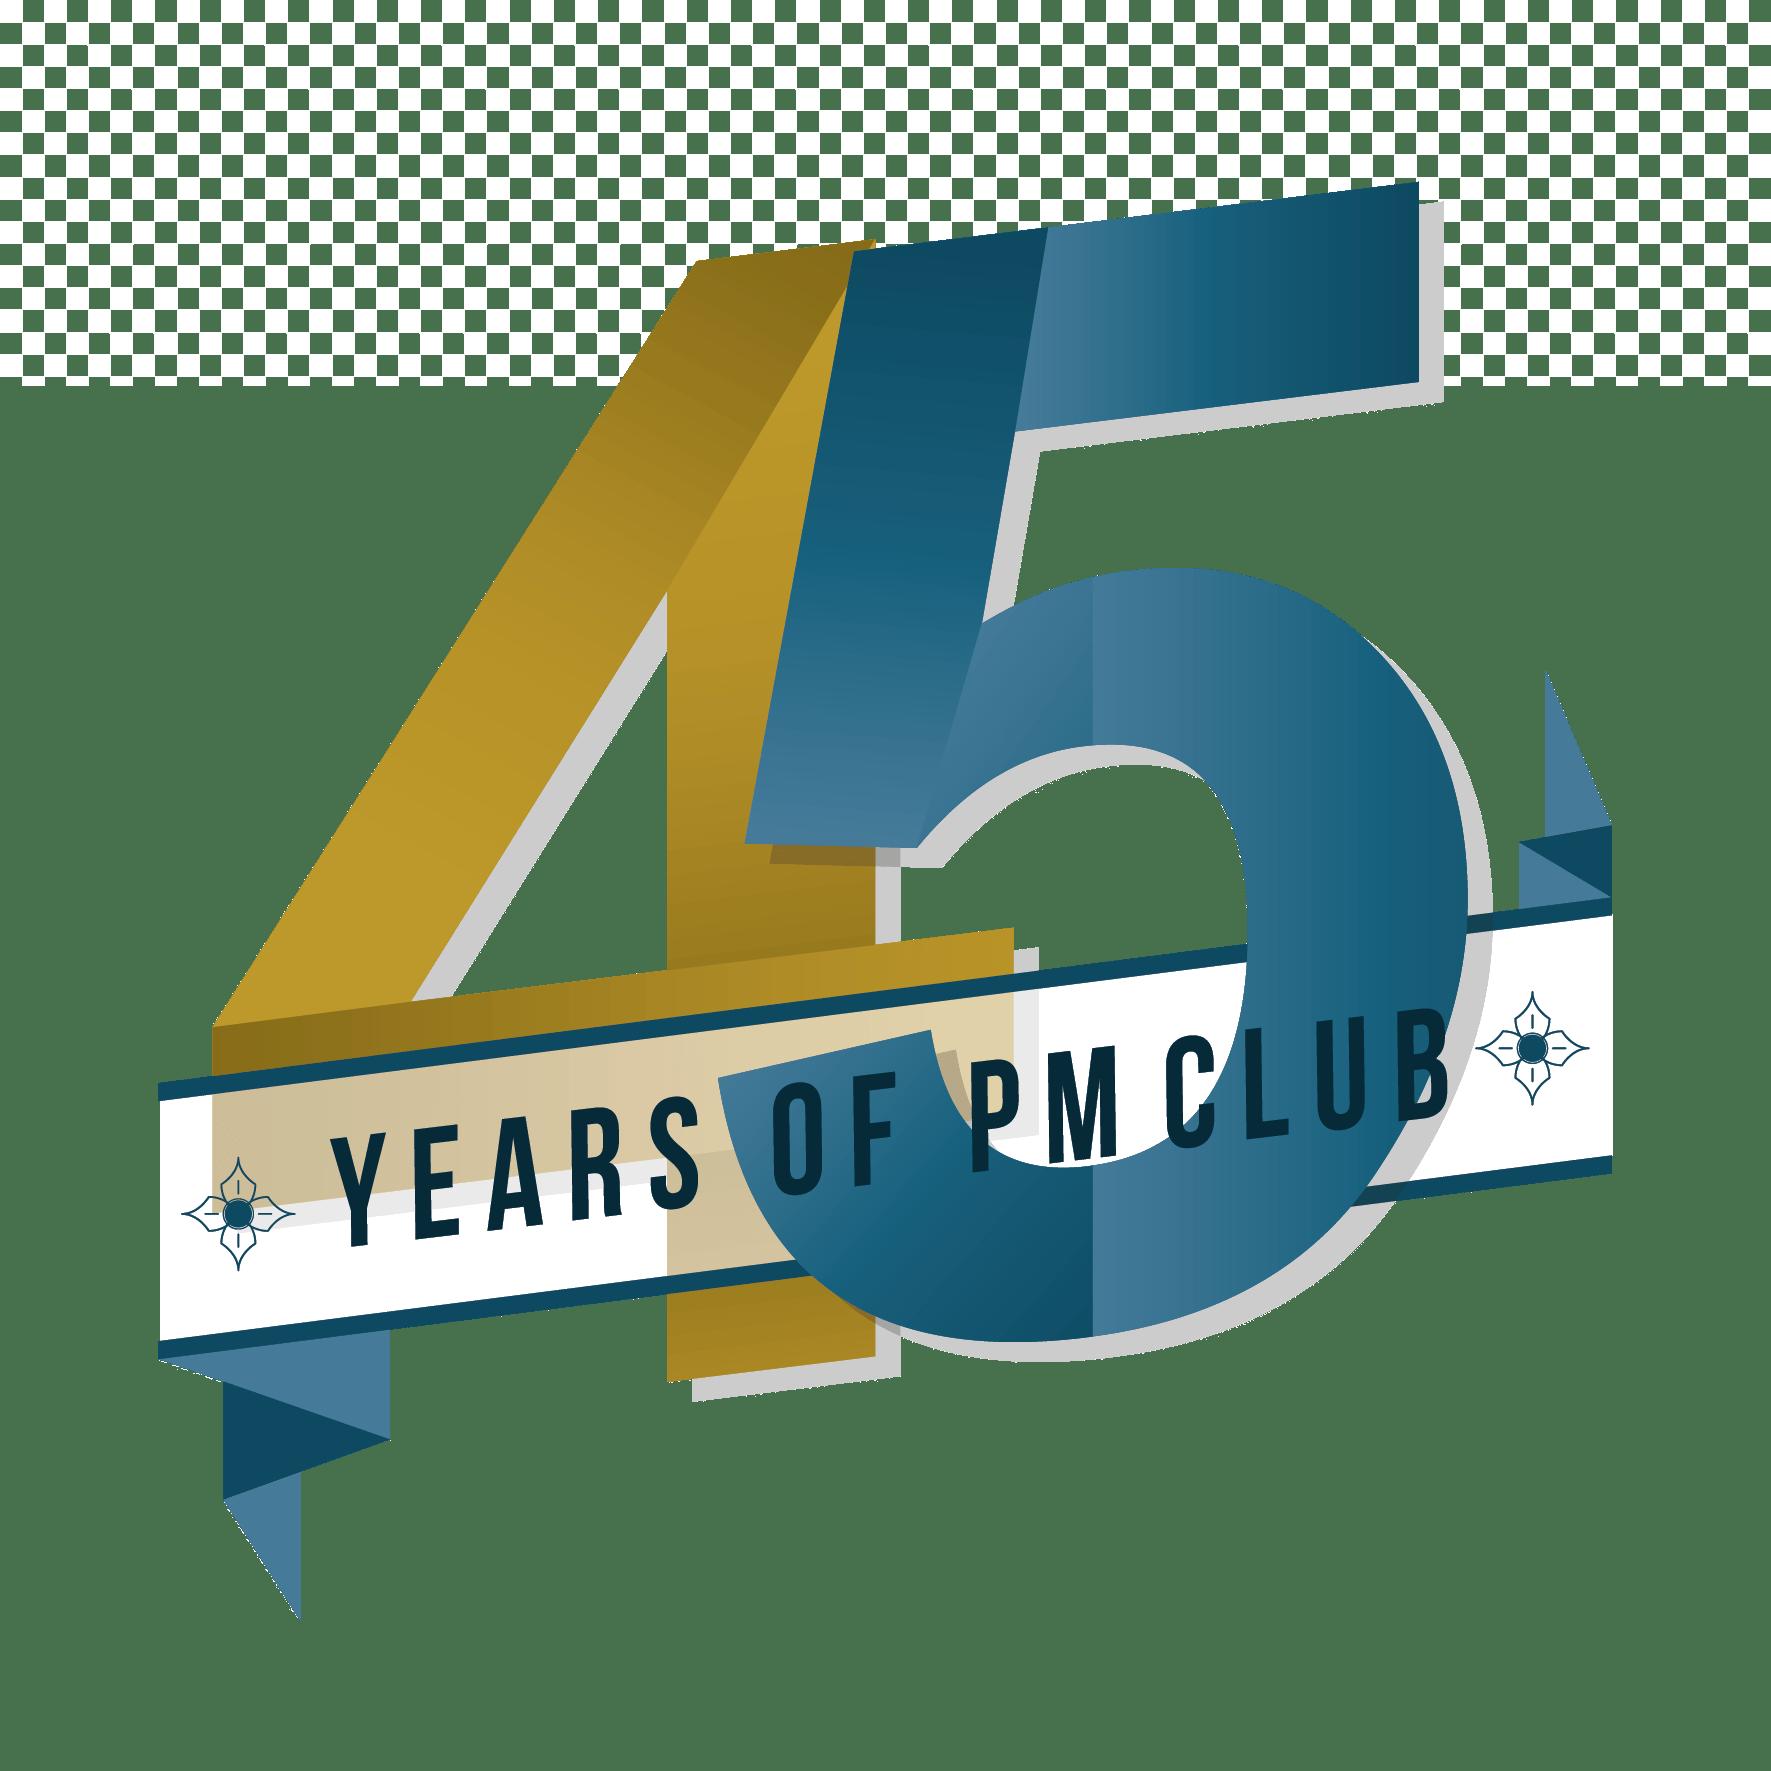 PMclub-45jaar embleem